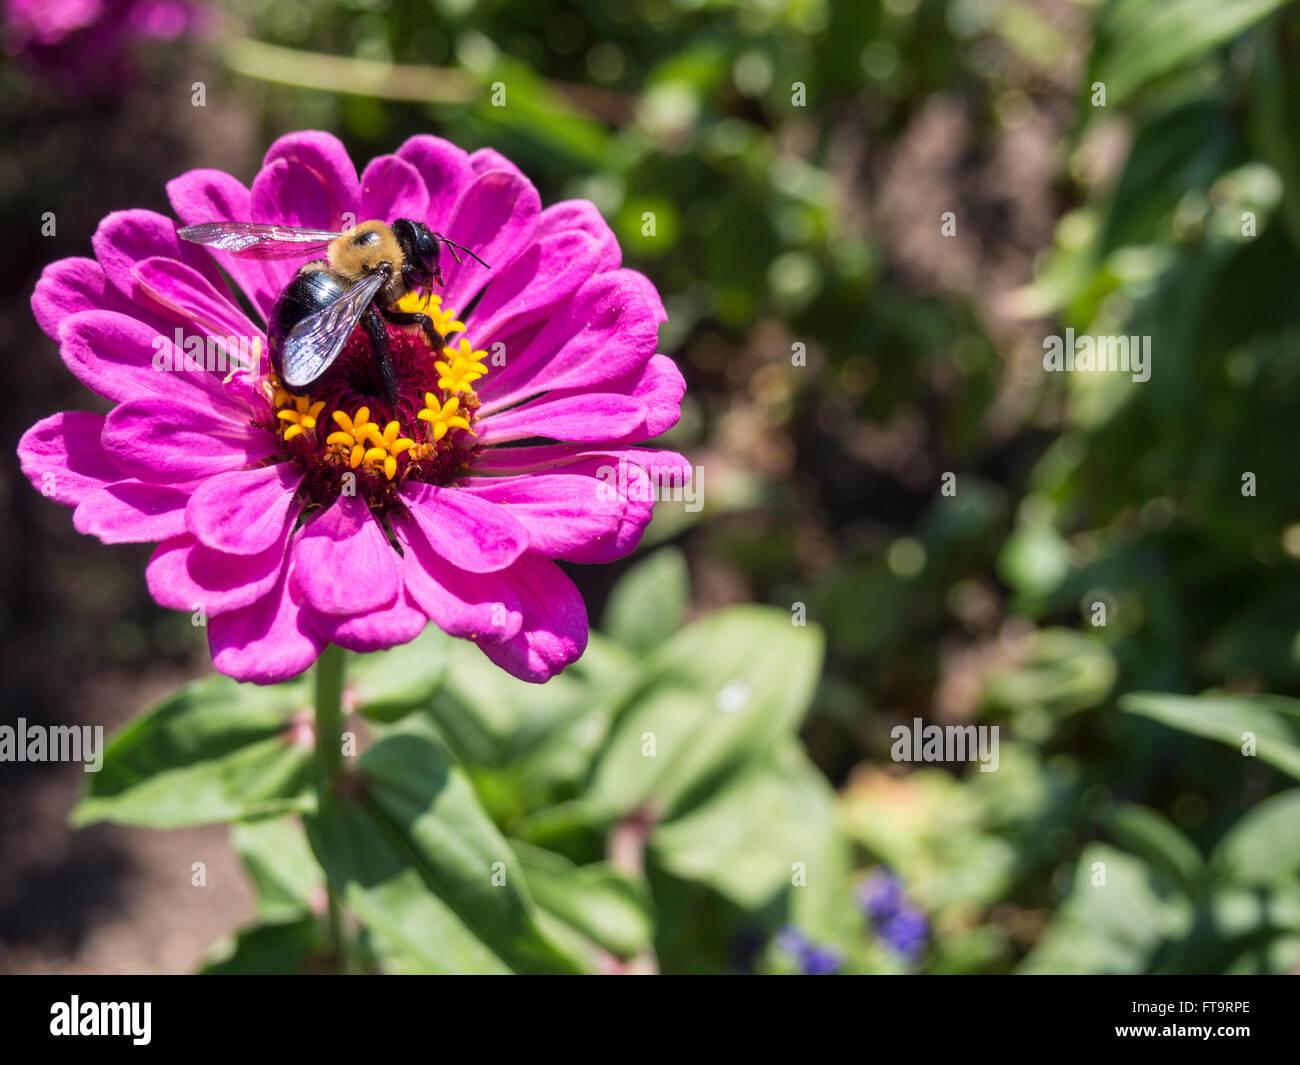 Große Holzbiene auf einer Magenta Zinnia Blume. Eine große Biene arbeitet, um Nektar zu sammeln und eine Stockbild